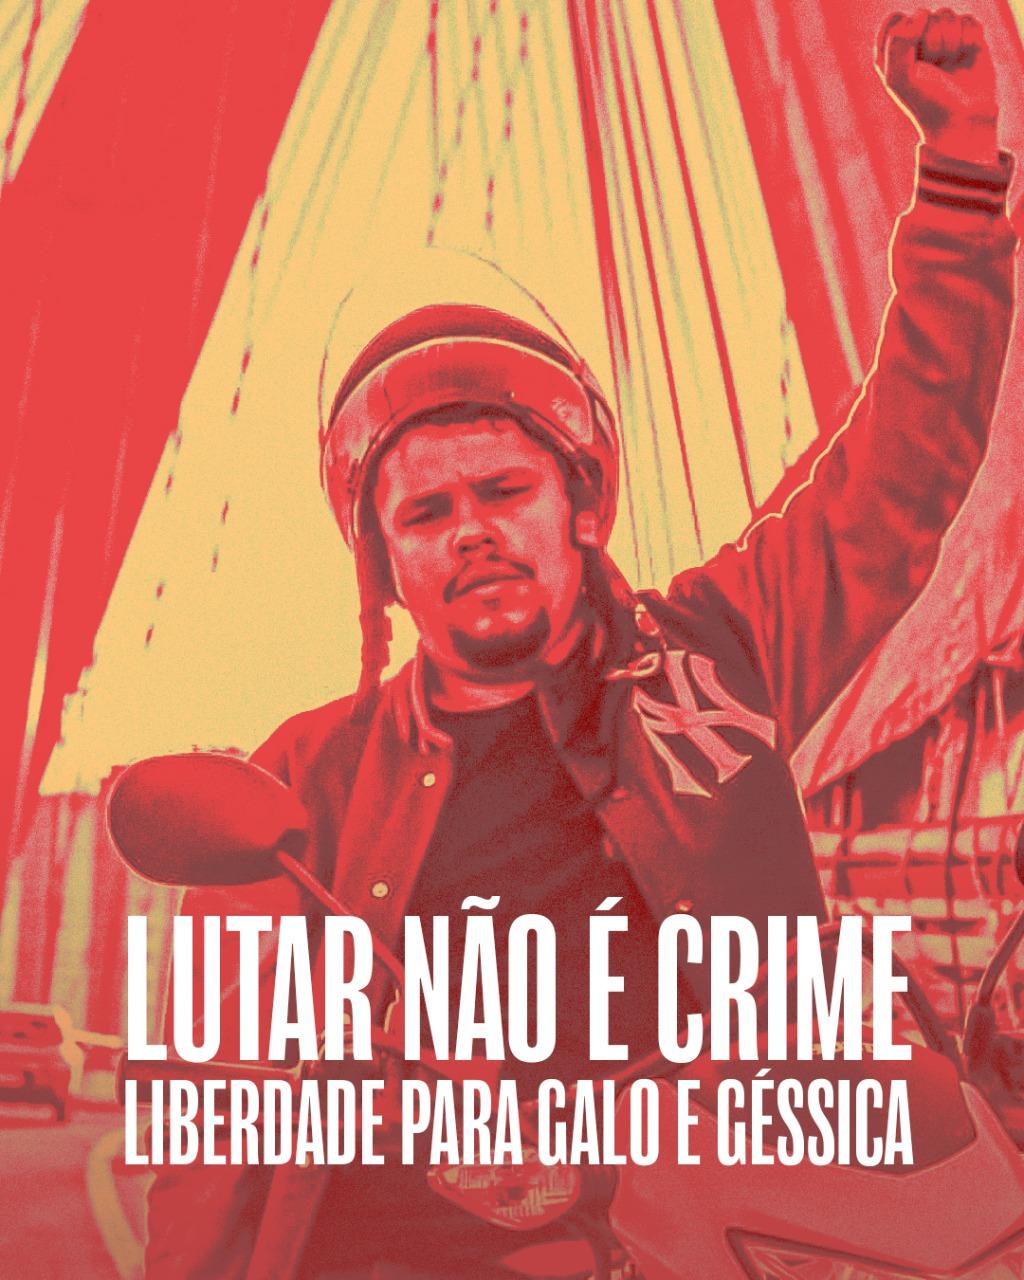 Nota dos movimentos: Liberdade Para Paulo Galo e Gessica